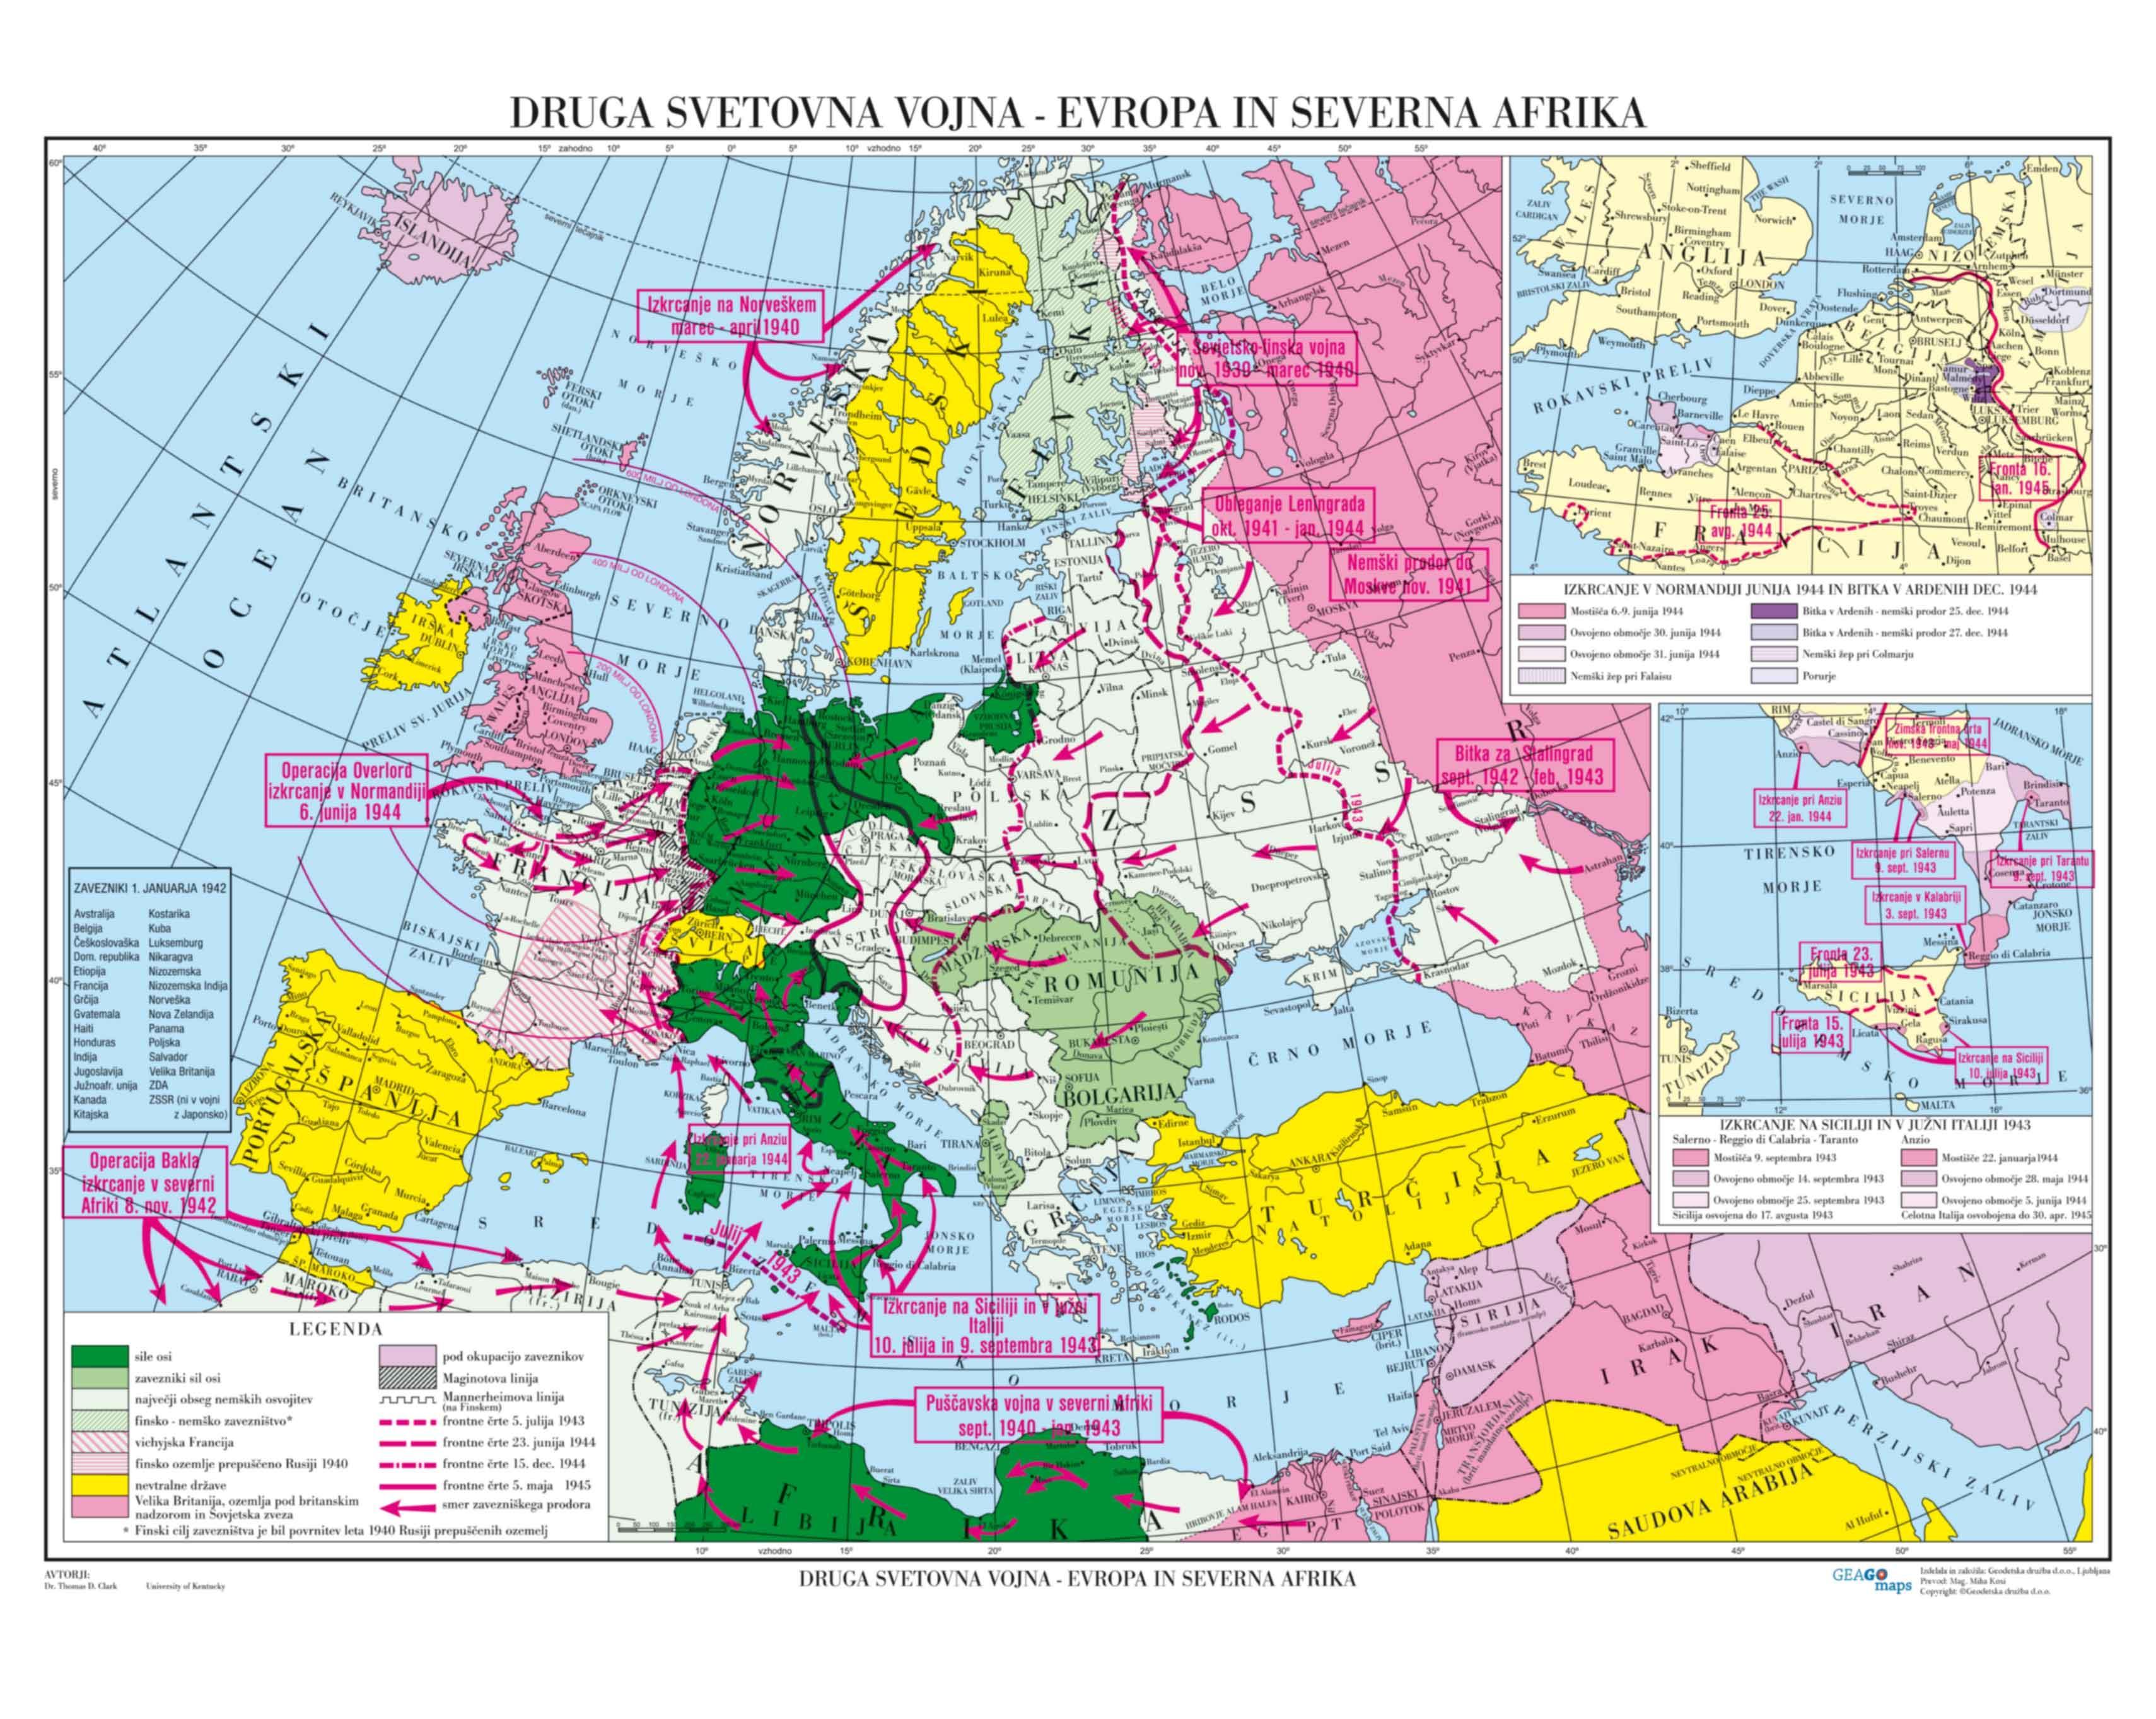 Druga svetovna vojna - Evropa in Severna Afrika